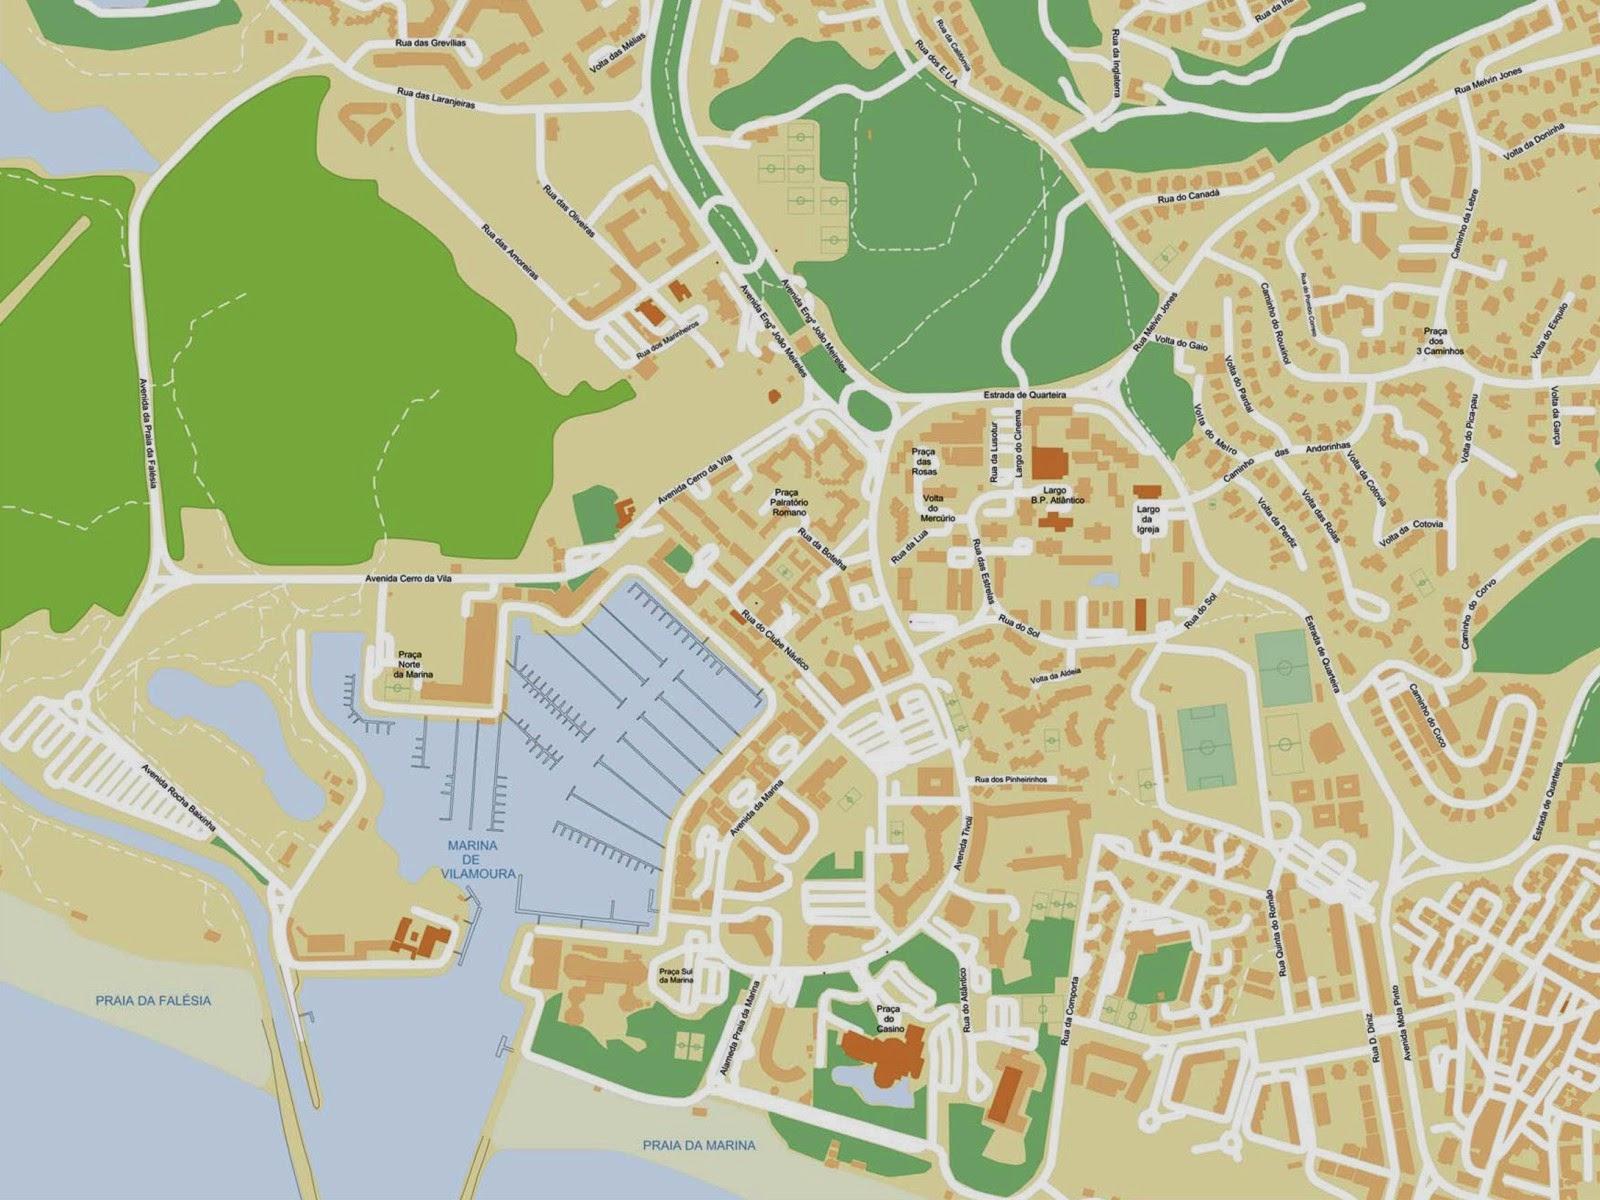 mapa de portugal quarteira algarve Mapas de Vilamoura   Portugal | MapasBlog mapa de portugal quarteira algarve